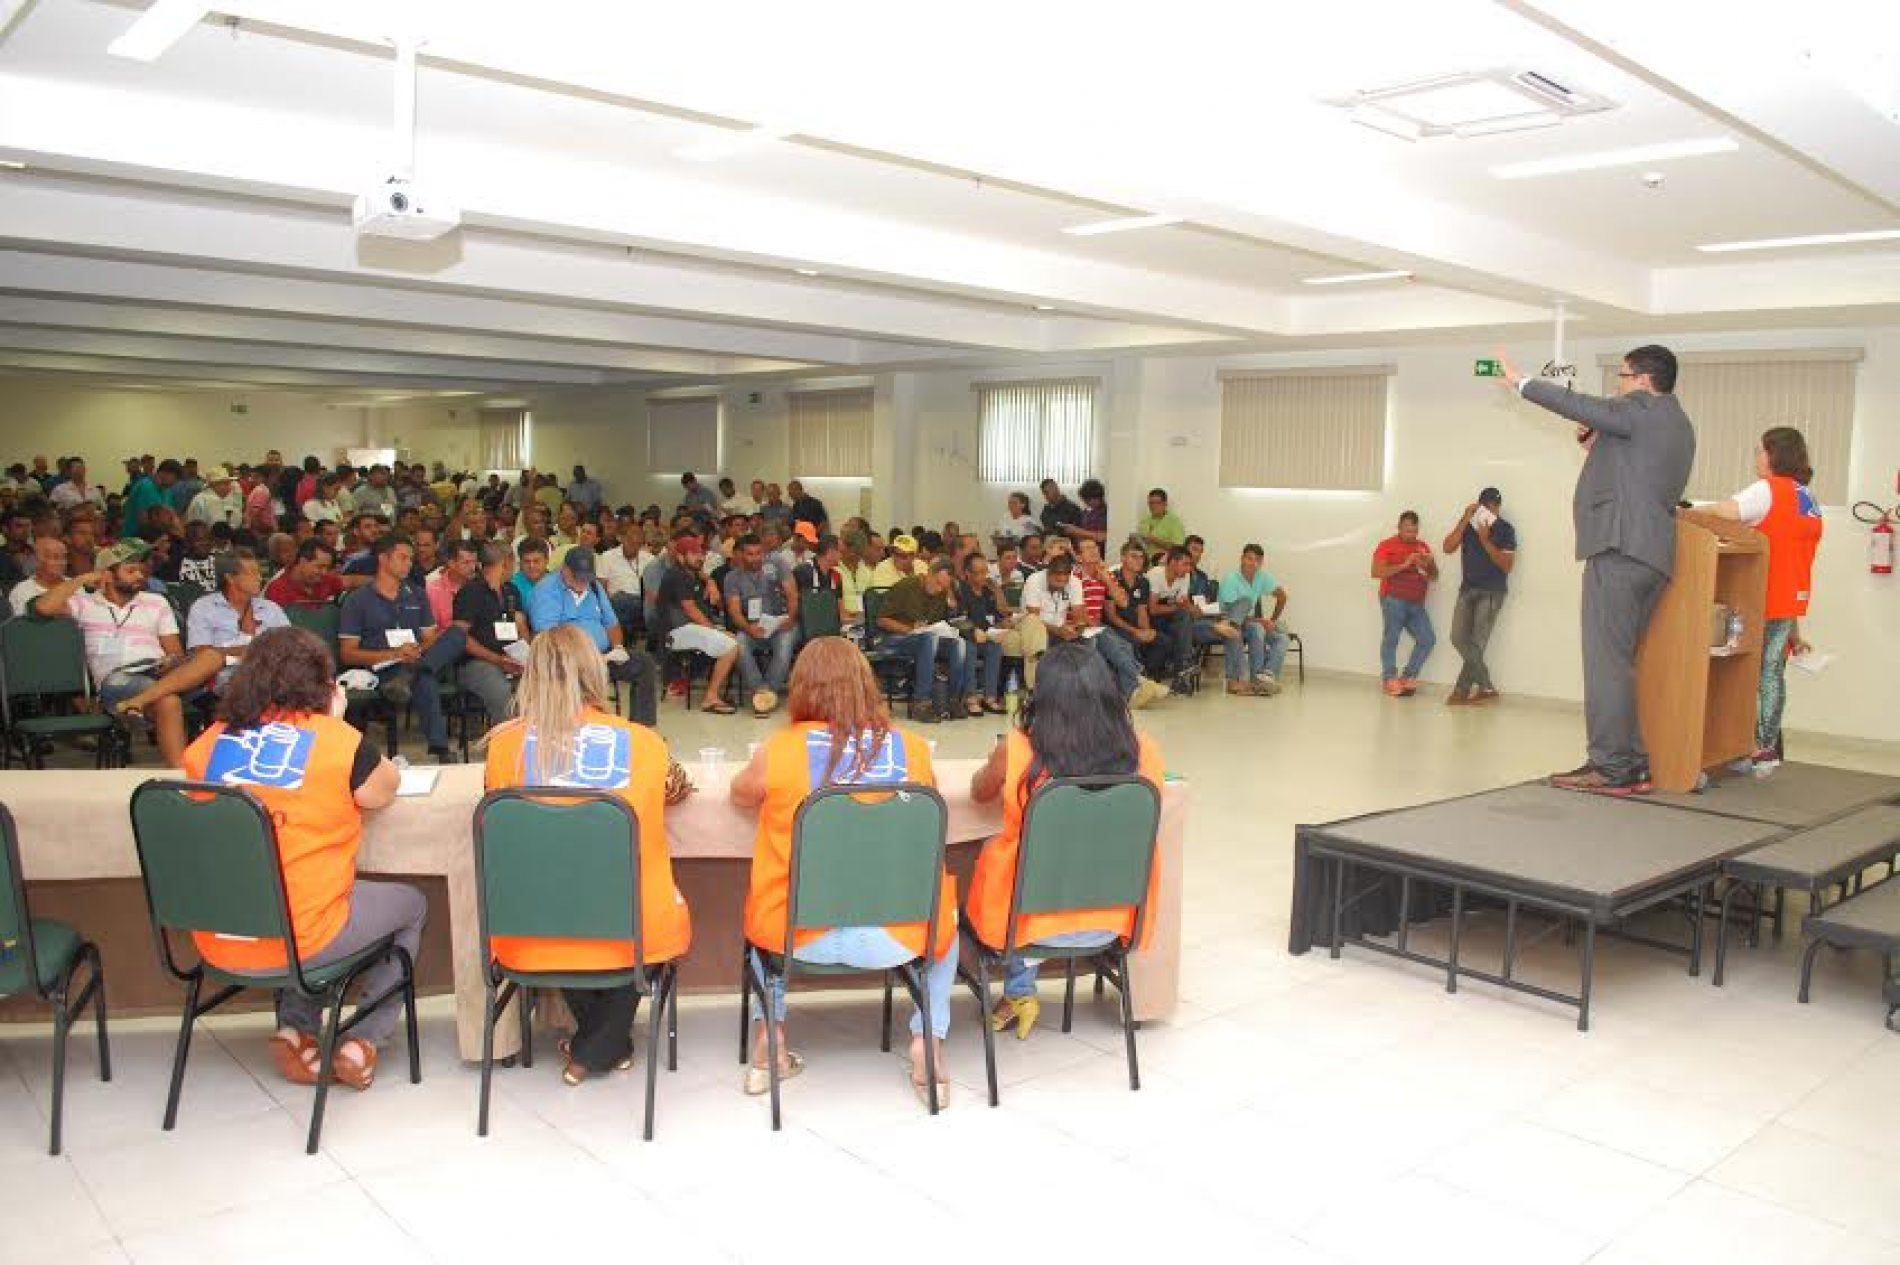 Leilão estadual arrecada R$ 3,2 milhões e atinge recorde na Bahia